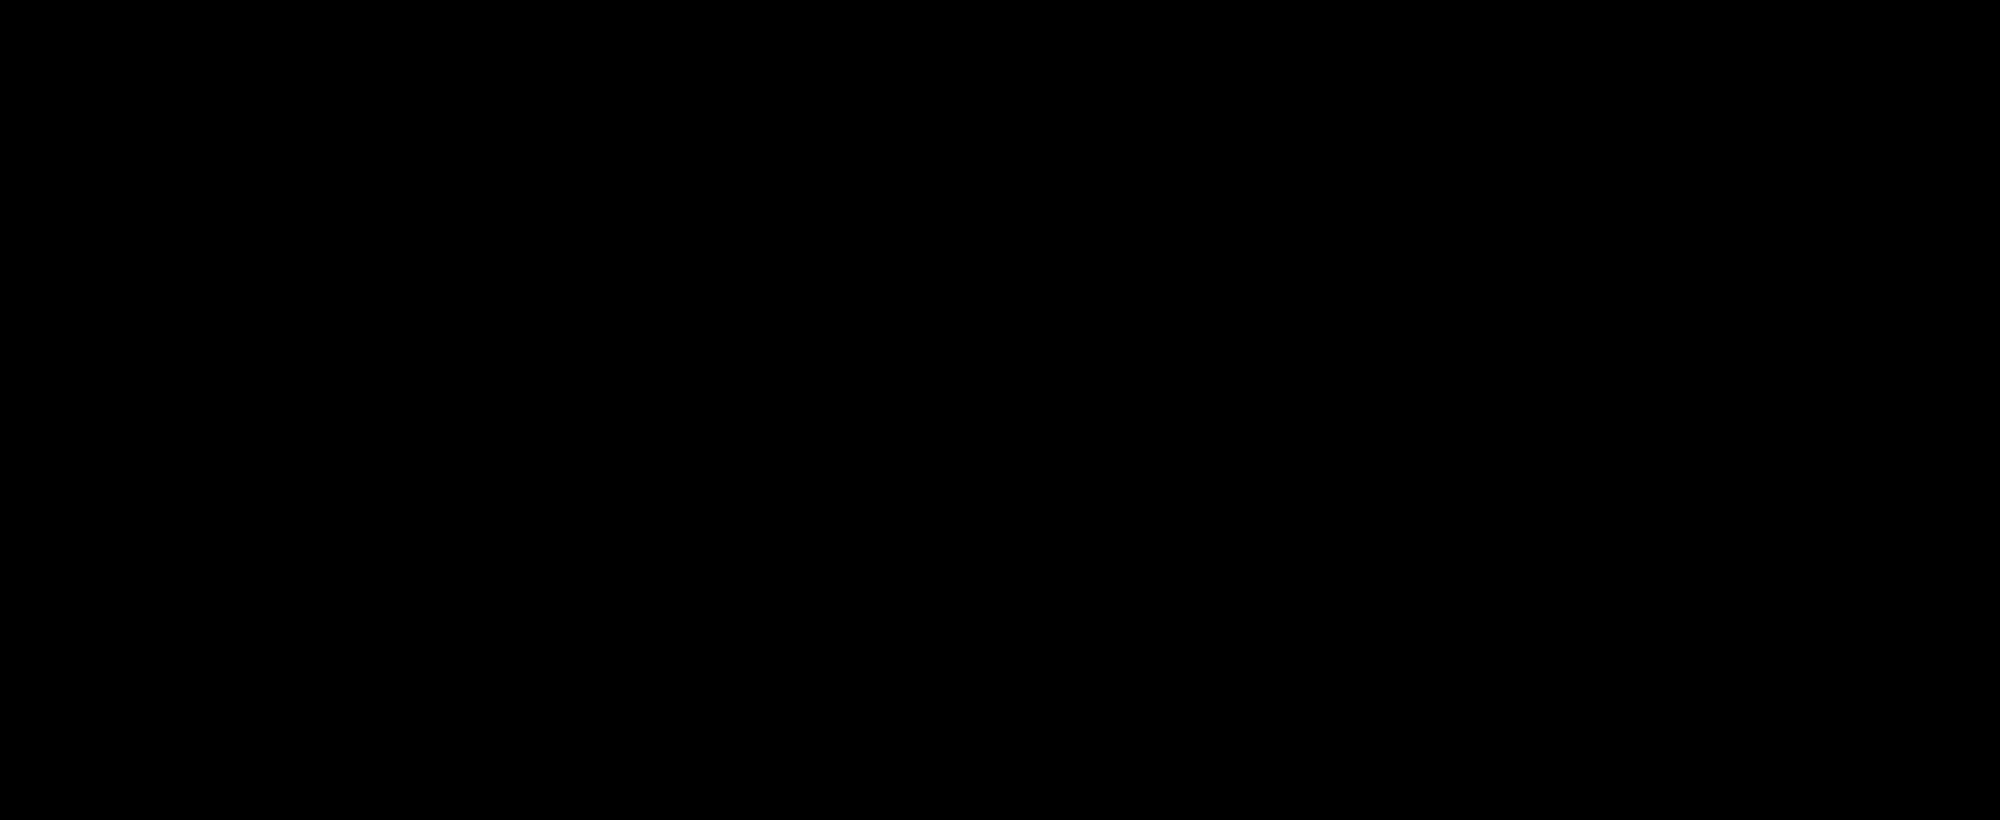 株式会社クレディセゾン メインビジュアル